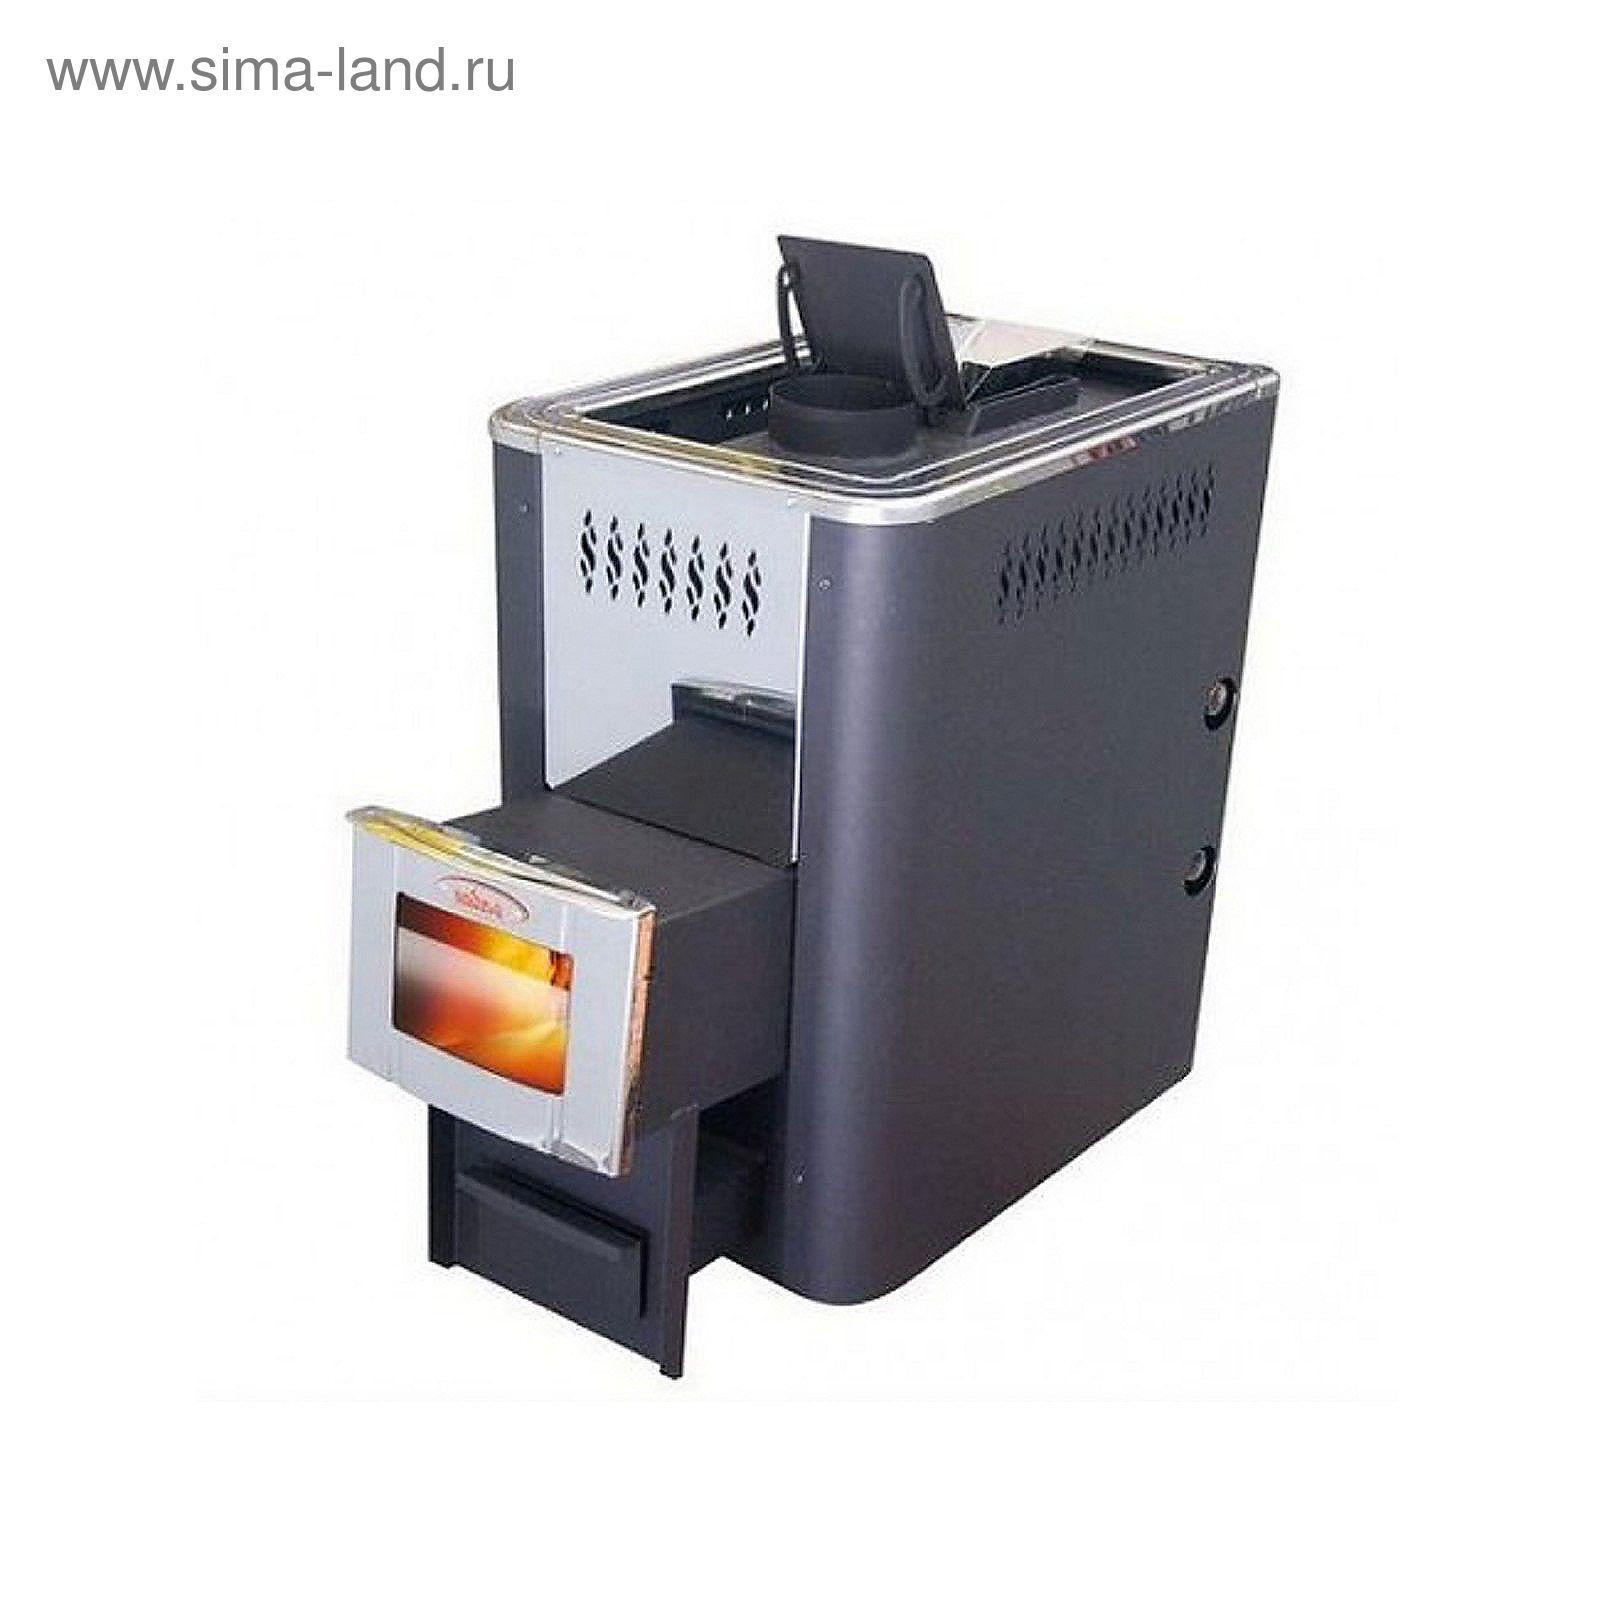 Встроенный теплообменник купить Подогреватель низкого давления ПН 800-29-7 IA Элиста